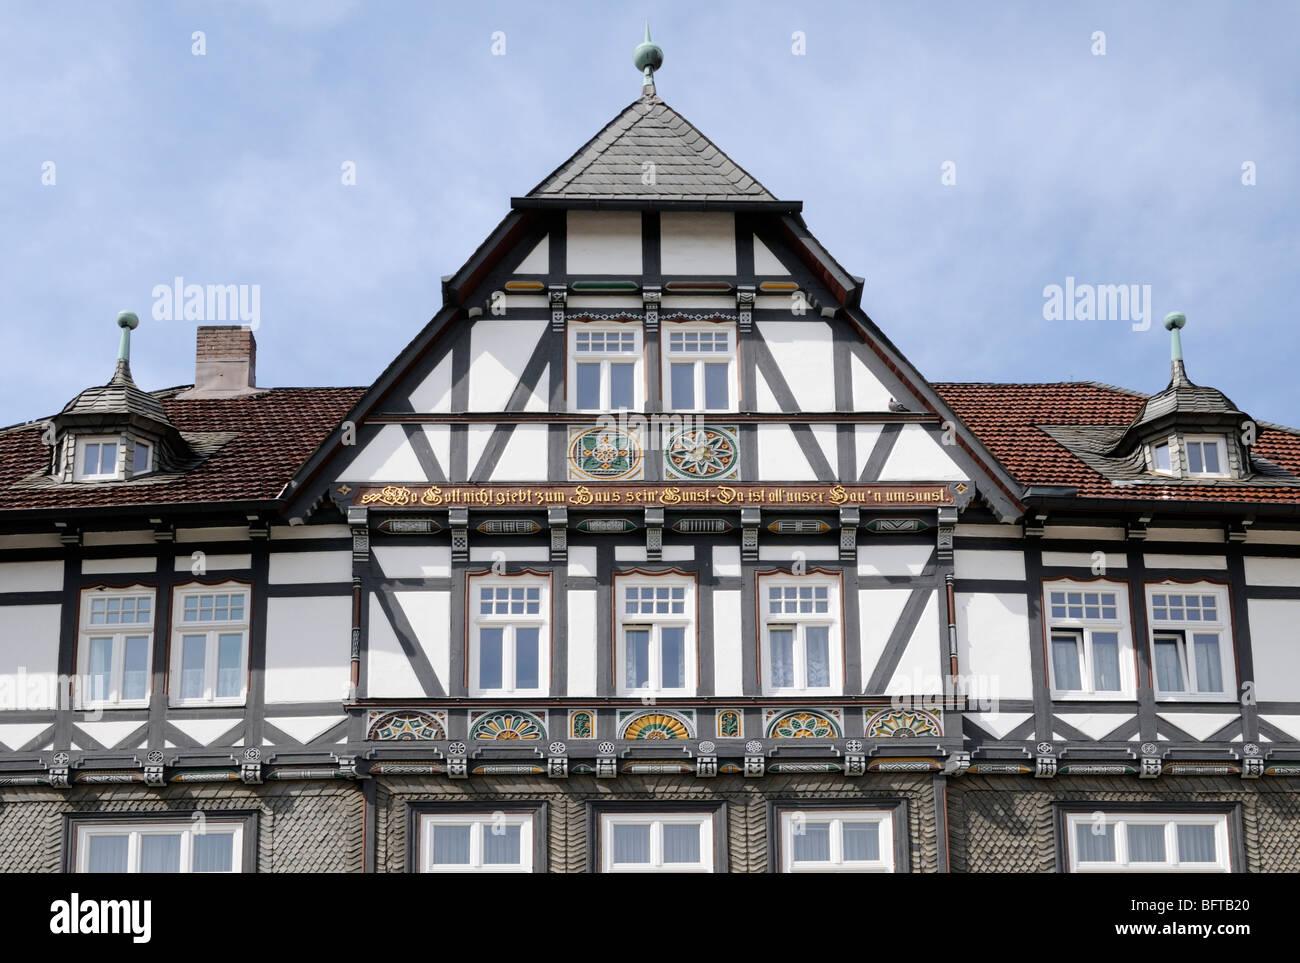 Fachwerkhaus in Goslar, Niedersachsen, Deutschland. - Half-timbered house in Goslar, Lower Saxony, Germany. Stock Photo